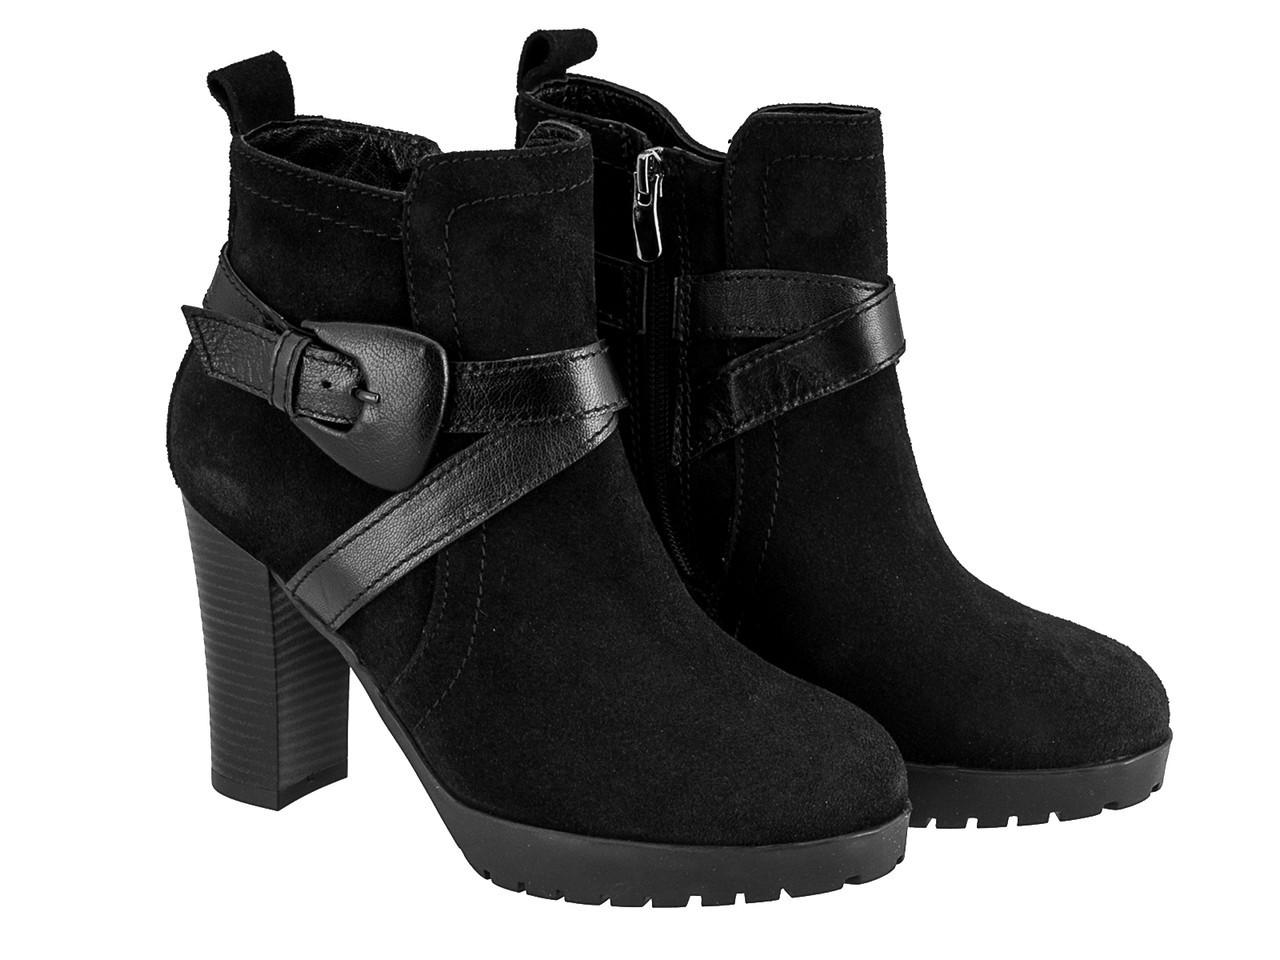 Ботинки Etor 1438-1088 36 черные